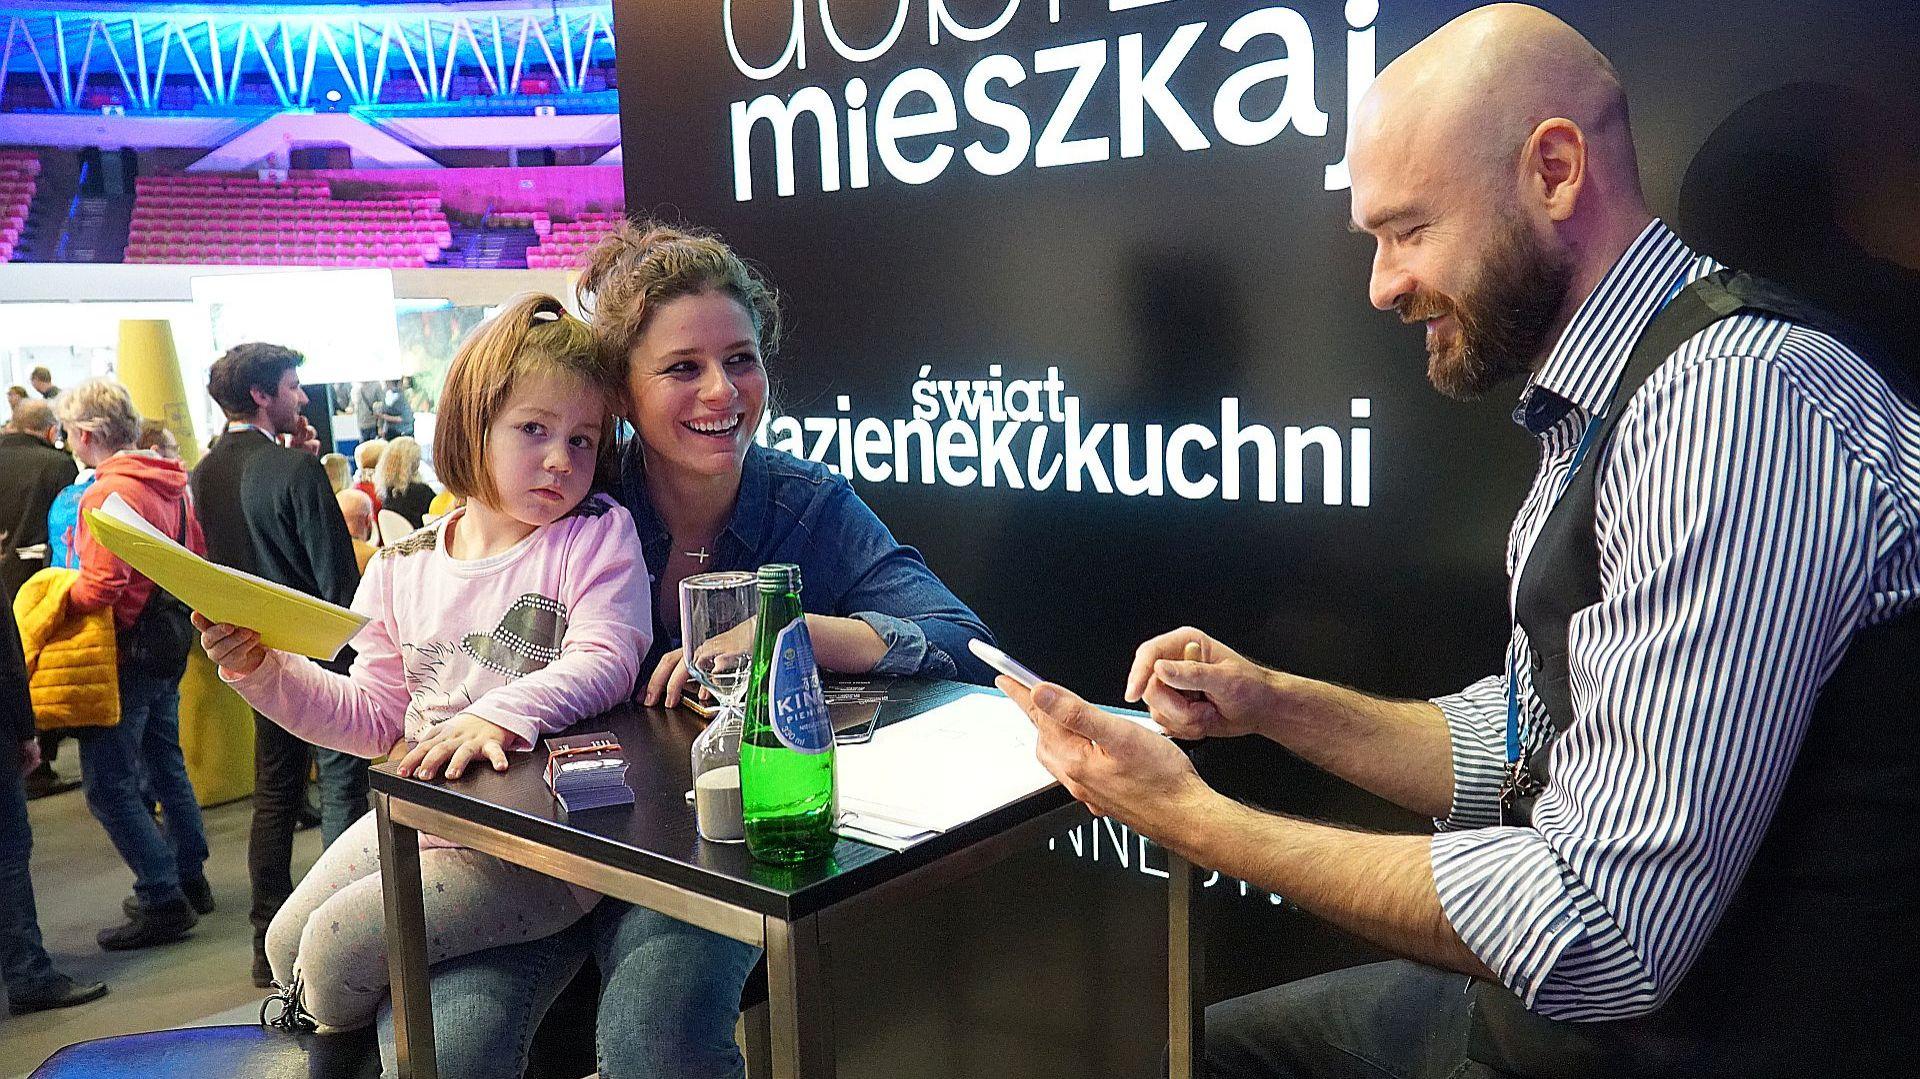 Stoisko magazynu Dobrze Mieszkaj. Fot. Justyna Łotowska